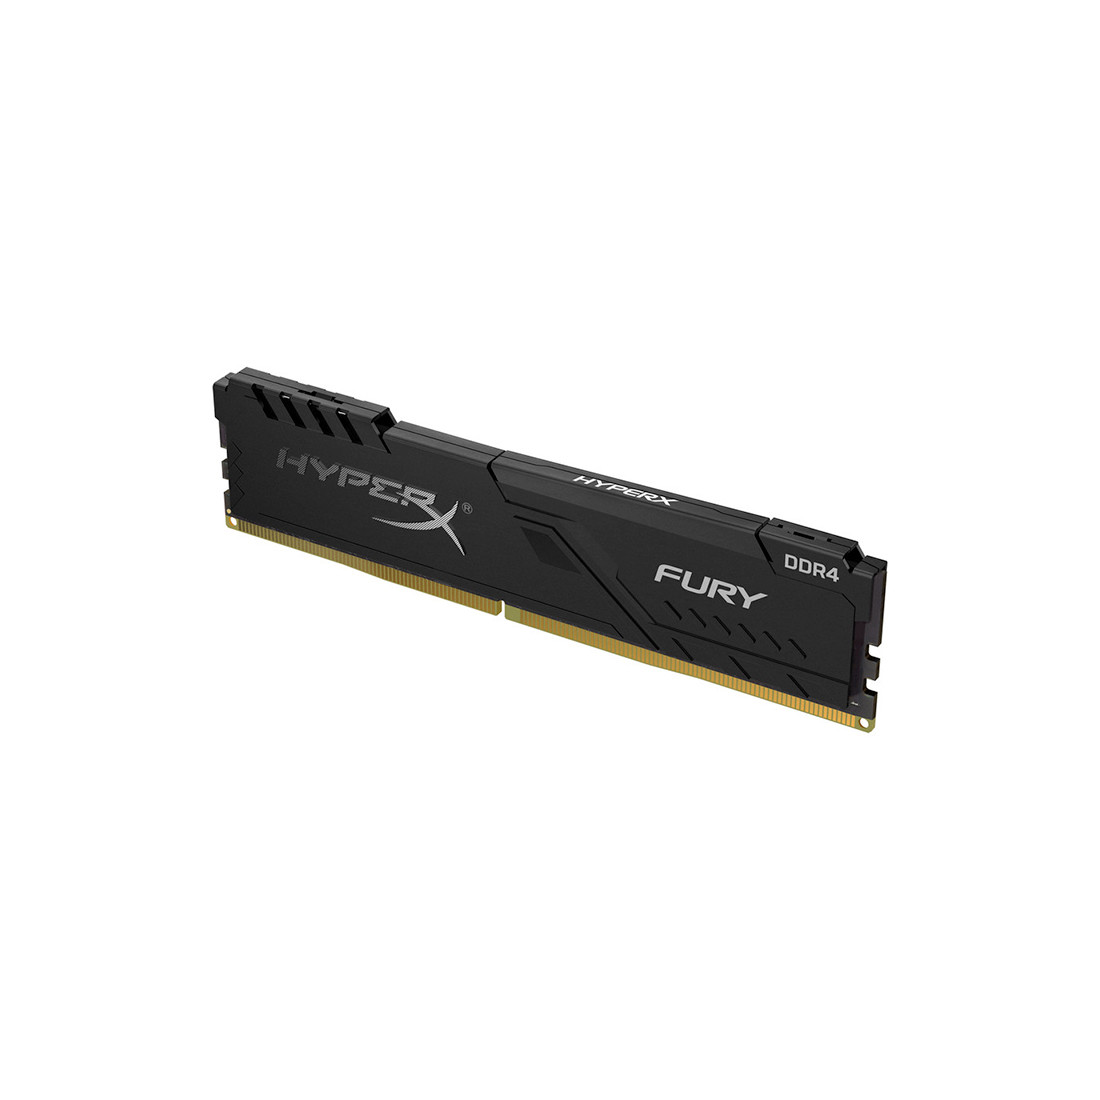 Kingston HX426C16FB3/8 HyperX Fury Модуль памяти DDR4, 8GB, DIMM